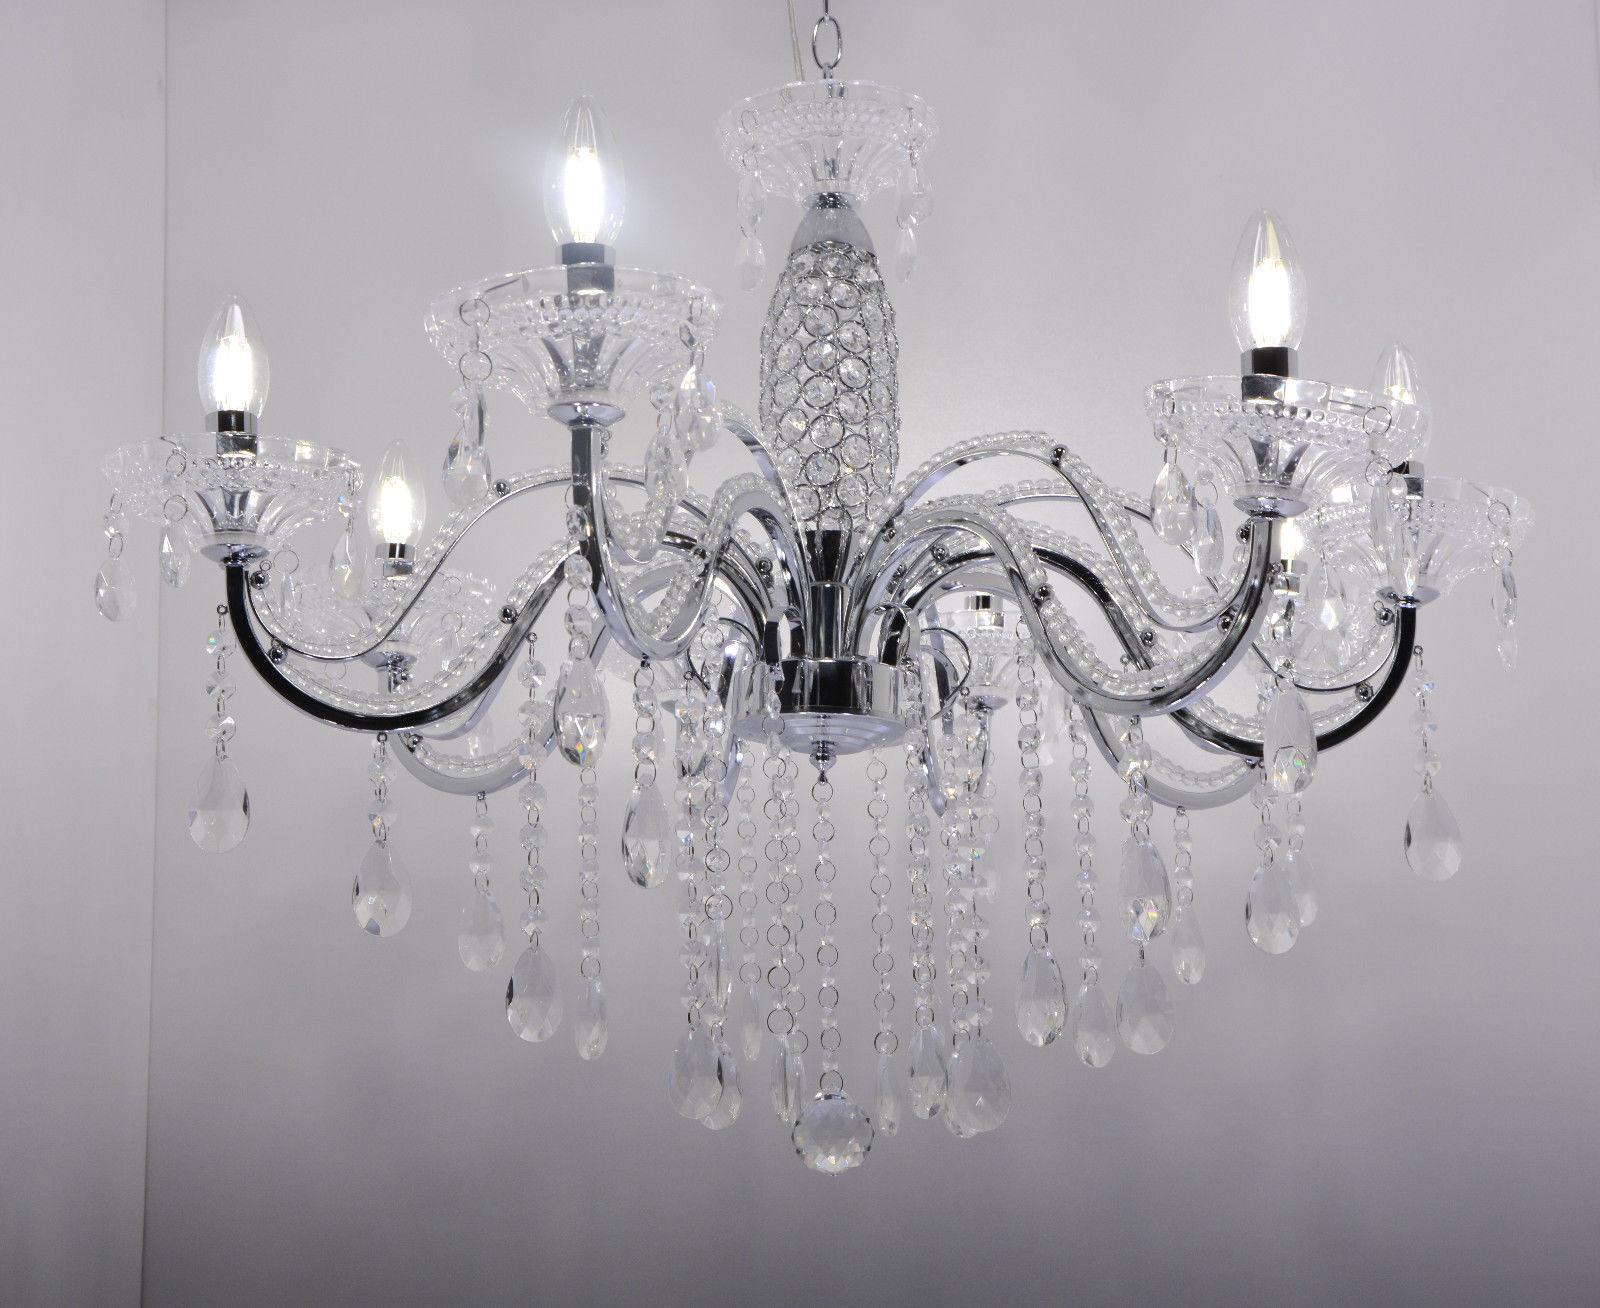 Pendule Luminaire Suspendu Lampe éclairage éclairage Plafonnier Plafonnier Plafonnier Lustre Lampe Cristal | Une Forte Résistance à La Chaleur Et Résistant à L'usure  900681